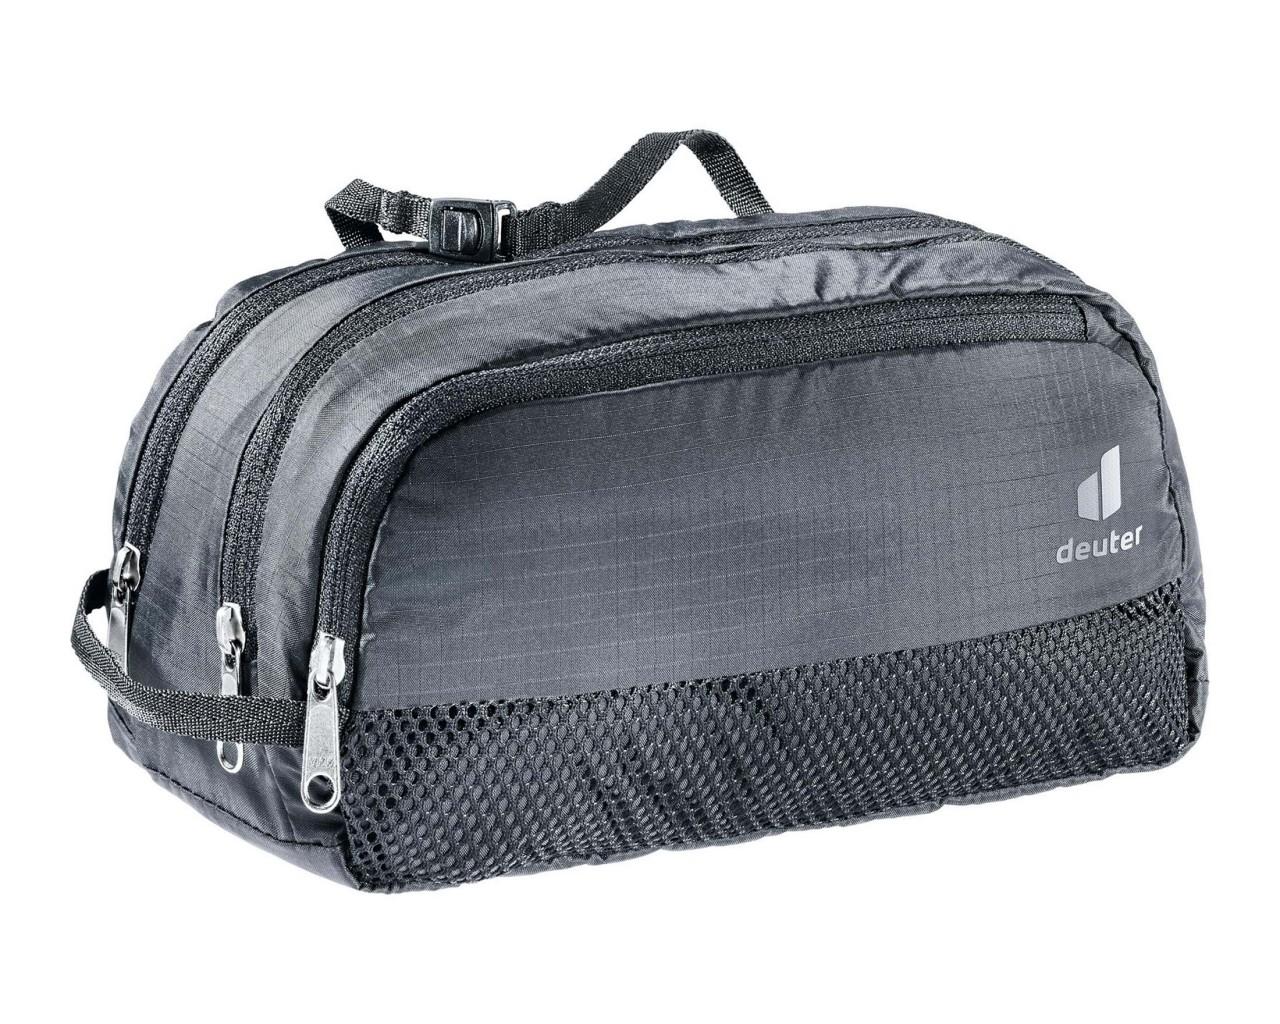 Deuter Wash Bag Tour III - 2 litres wash pack   black